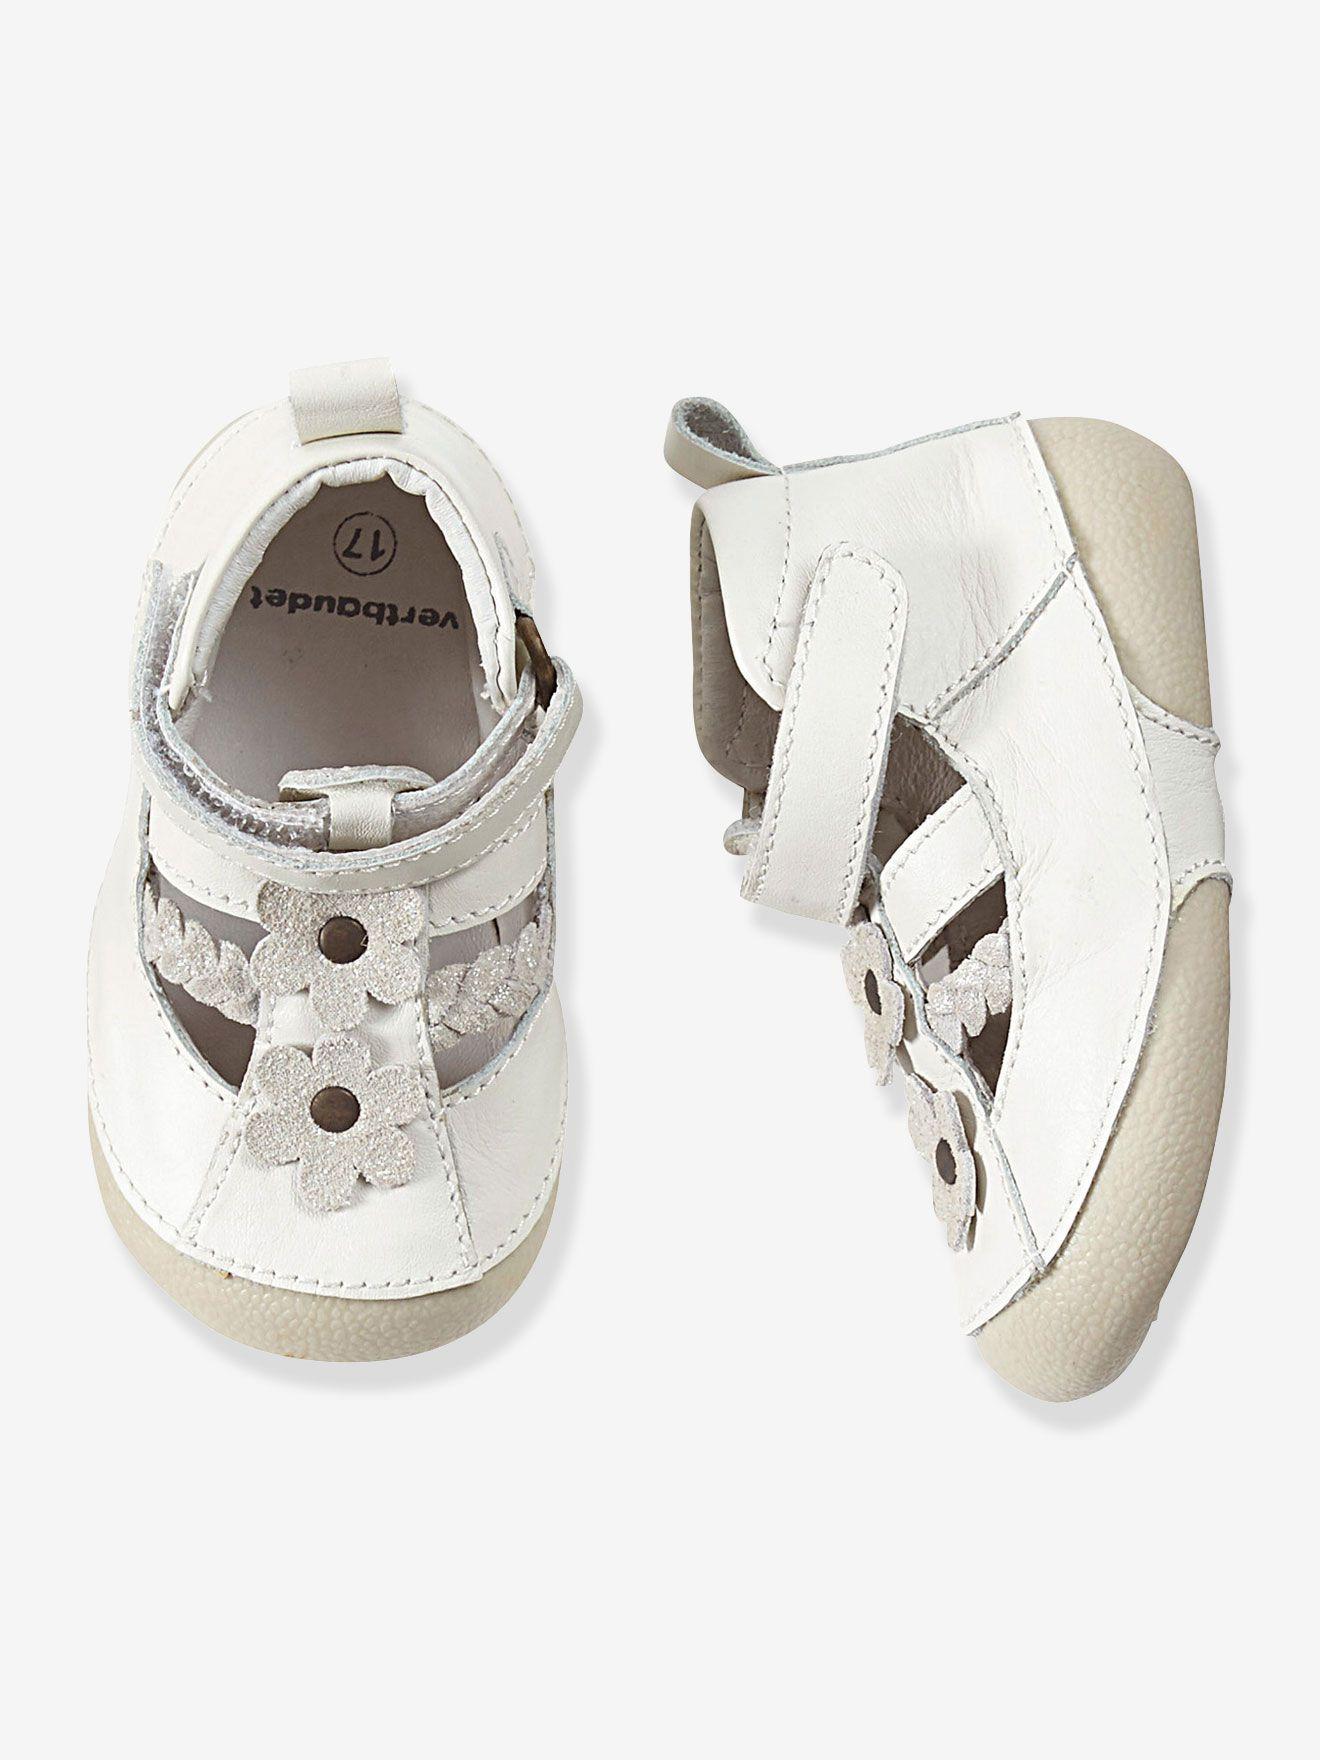 7bfbfbd42d846 Chaussures cuir bébé fille spécial 4 pattes forme sandales ...